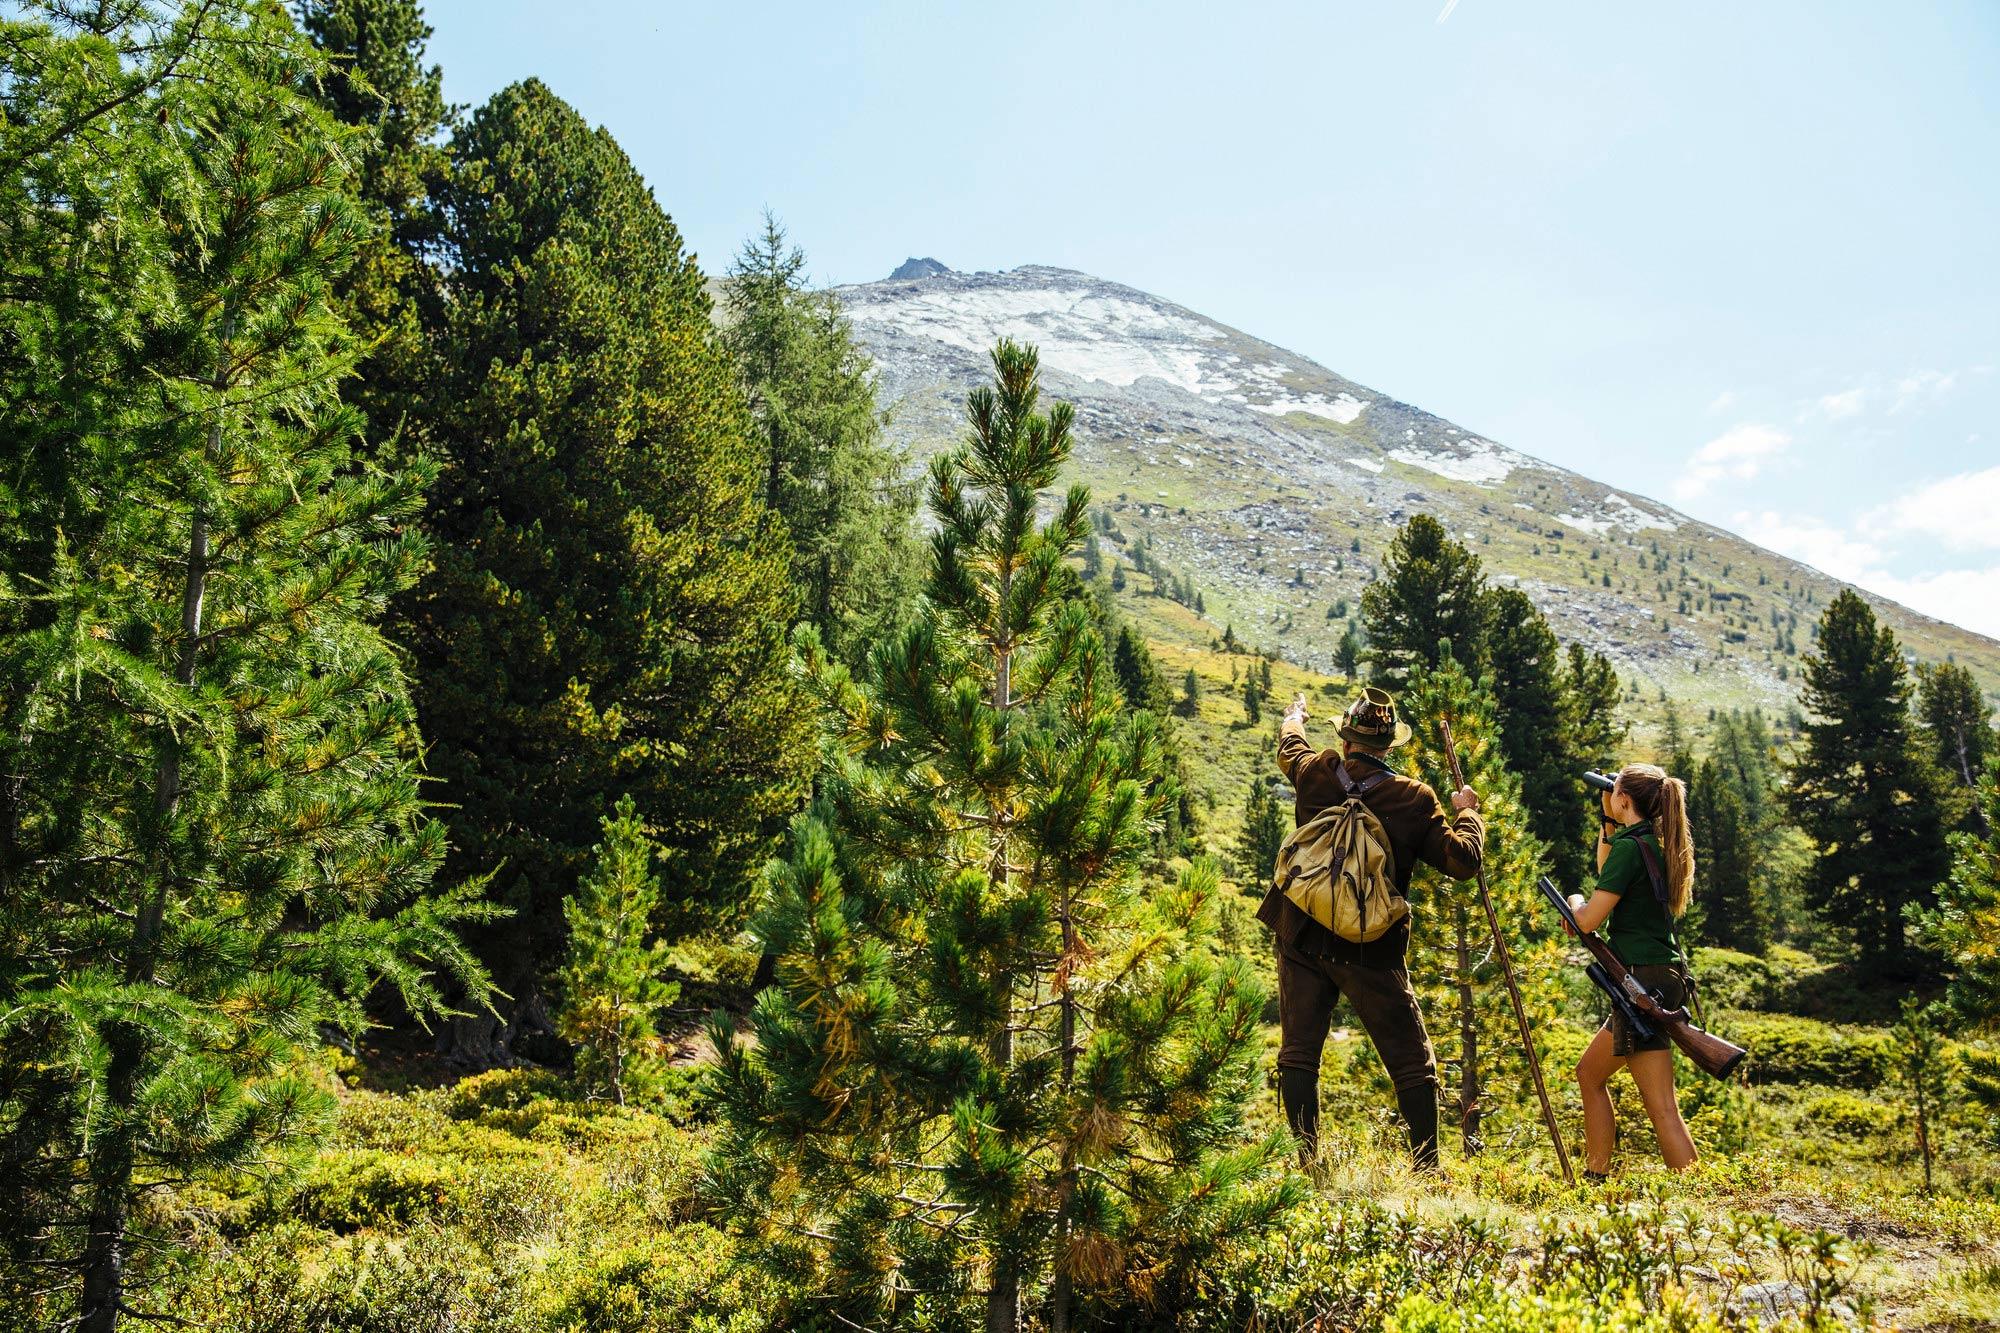 Wald und Berge im SalzburgerLand © SalzburgerLand Tourismus GmbH